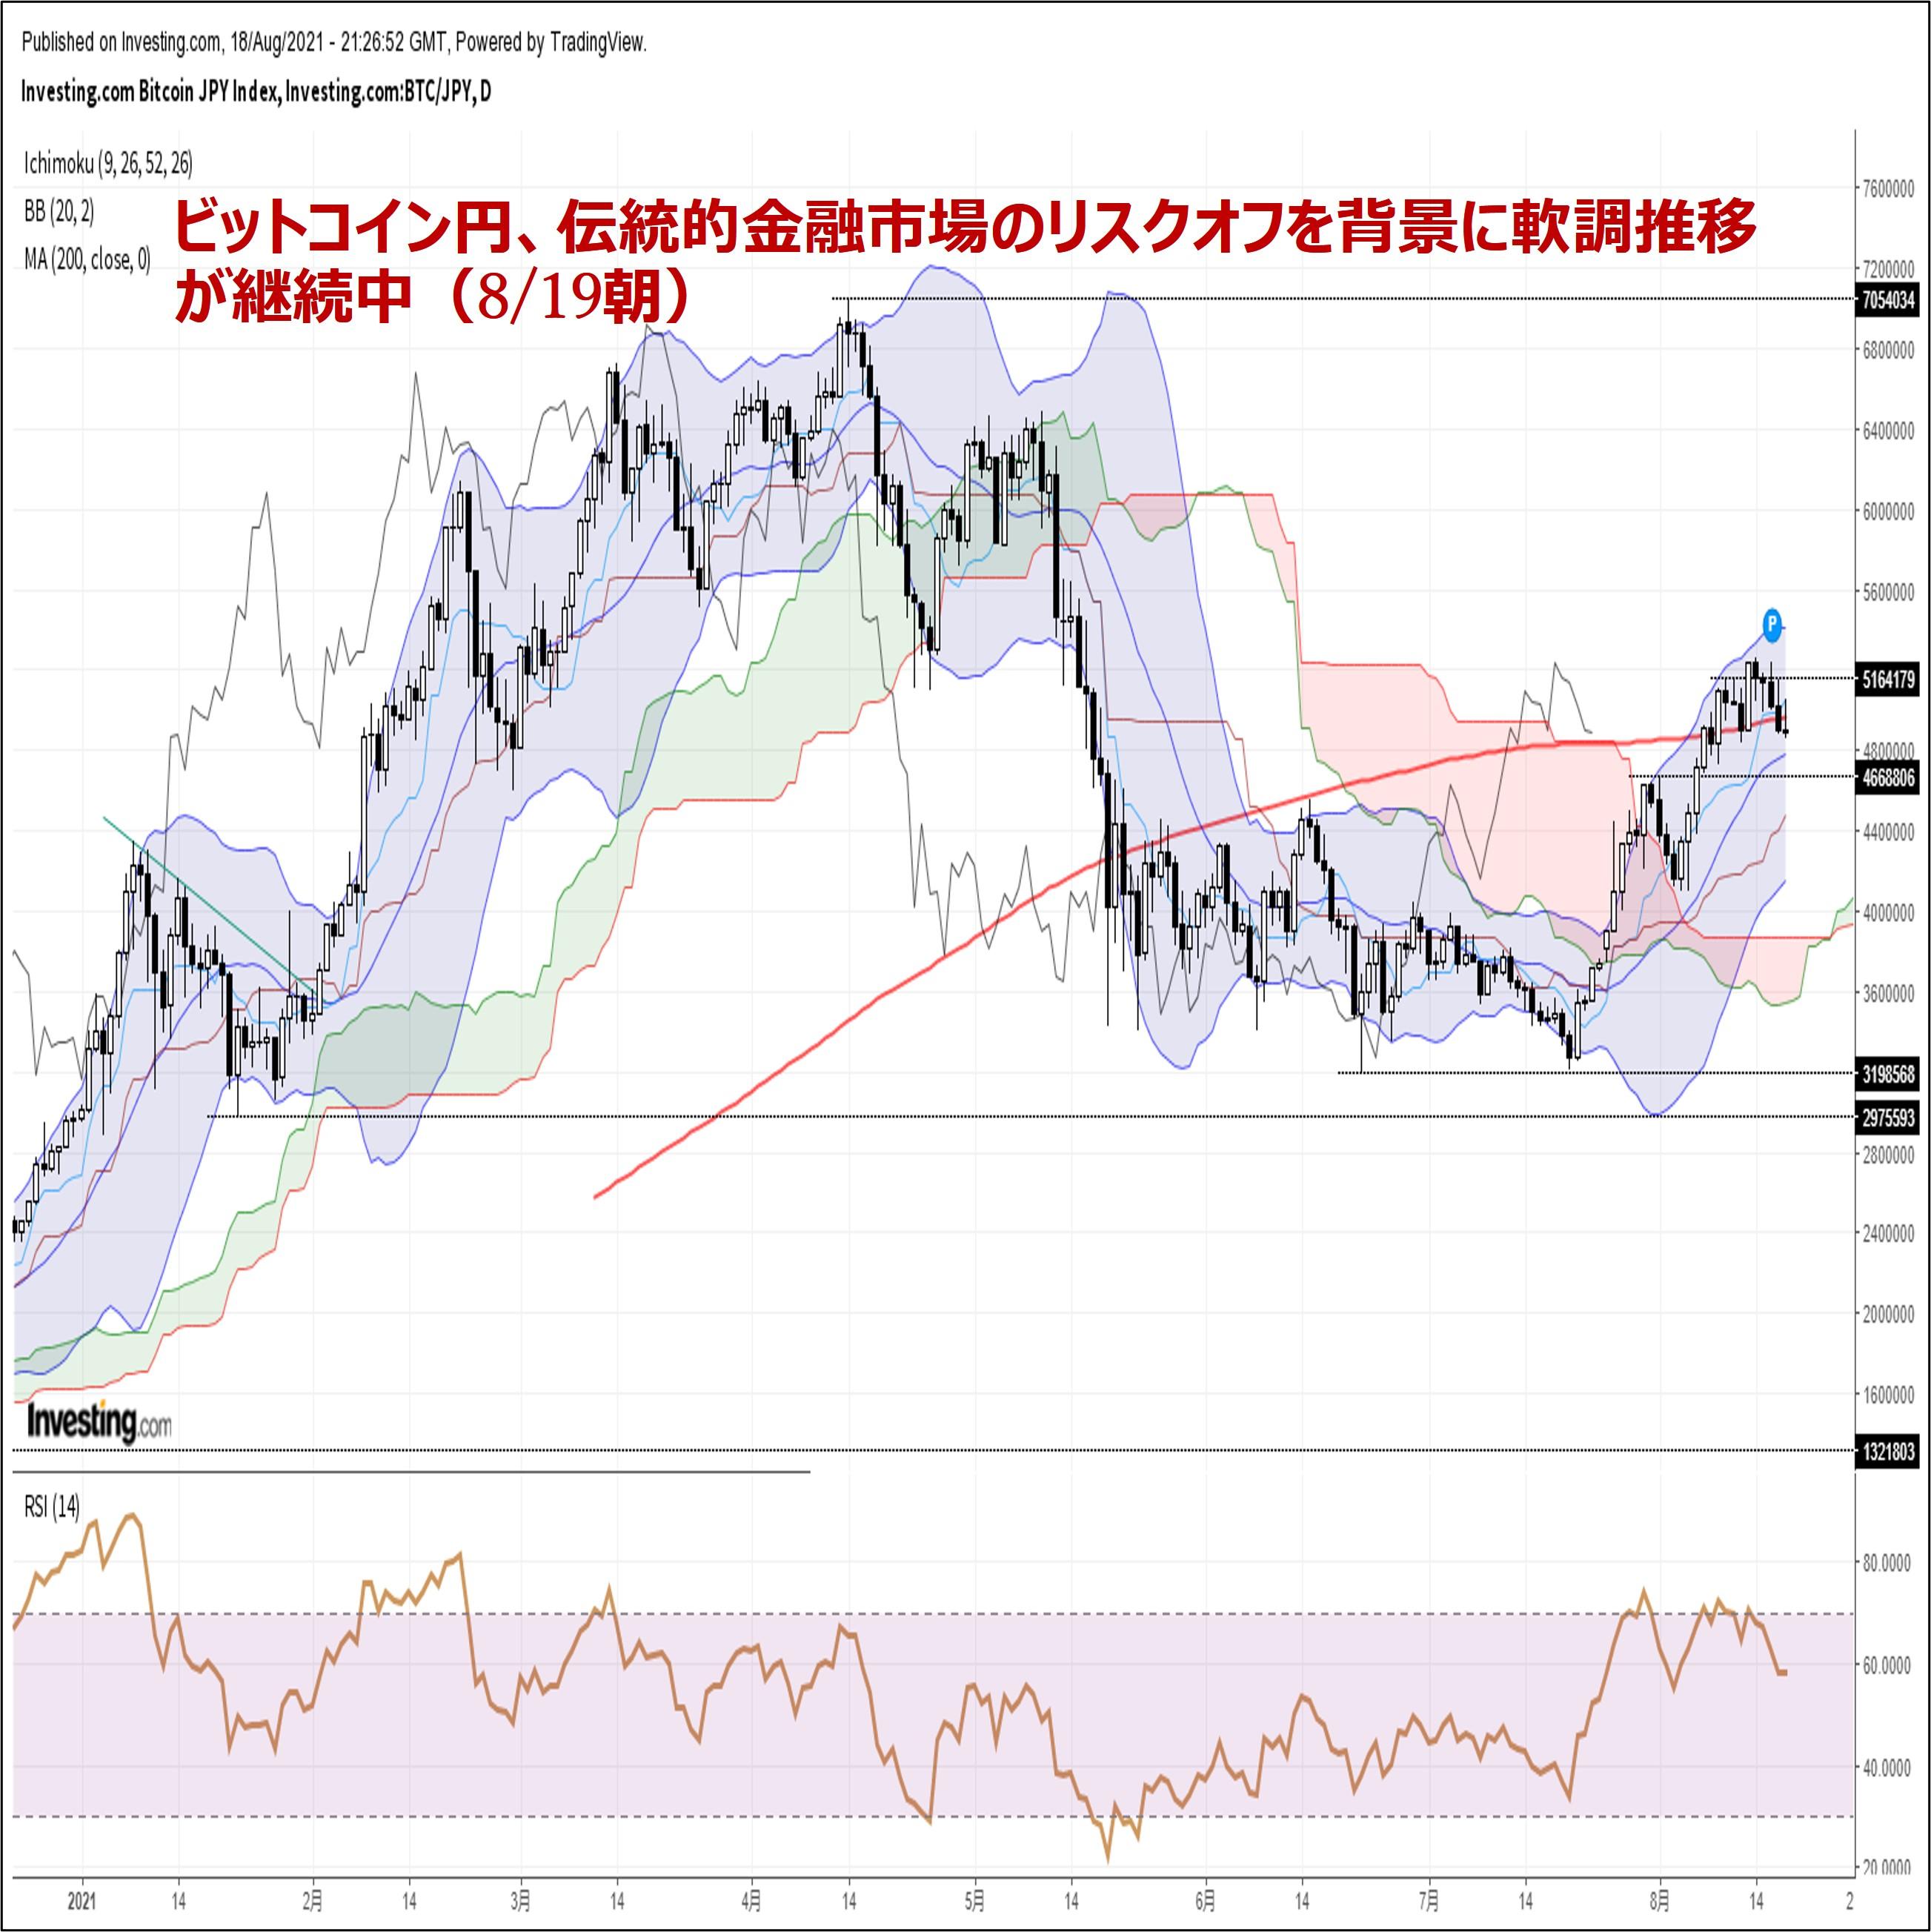 ビットコイン円、伝統的金融市場のリスクオフを背景に軟調推移が継続中(8/19朝)